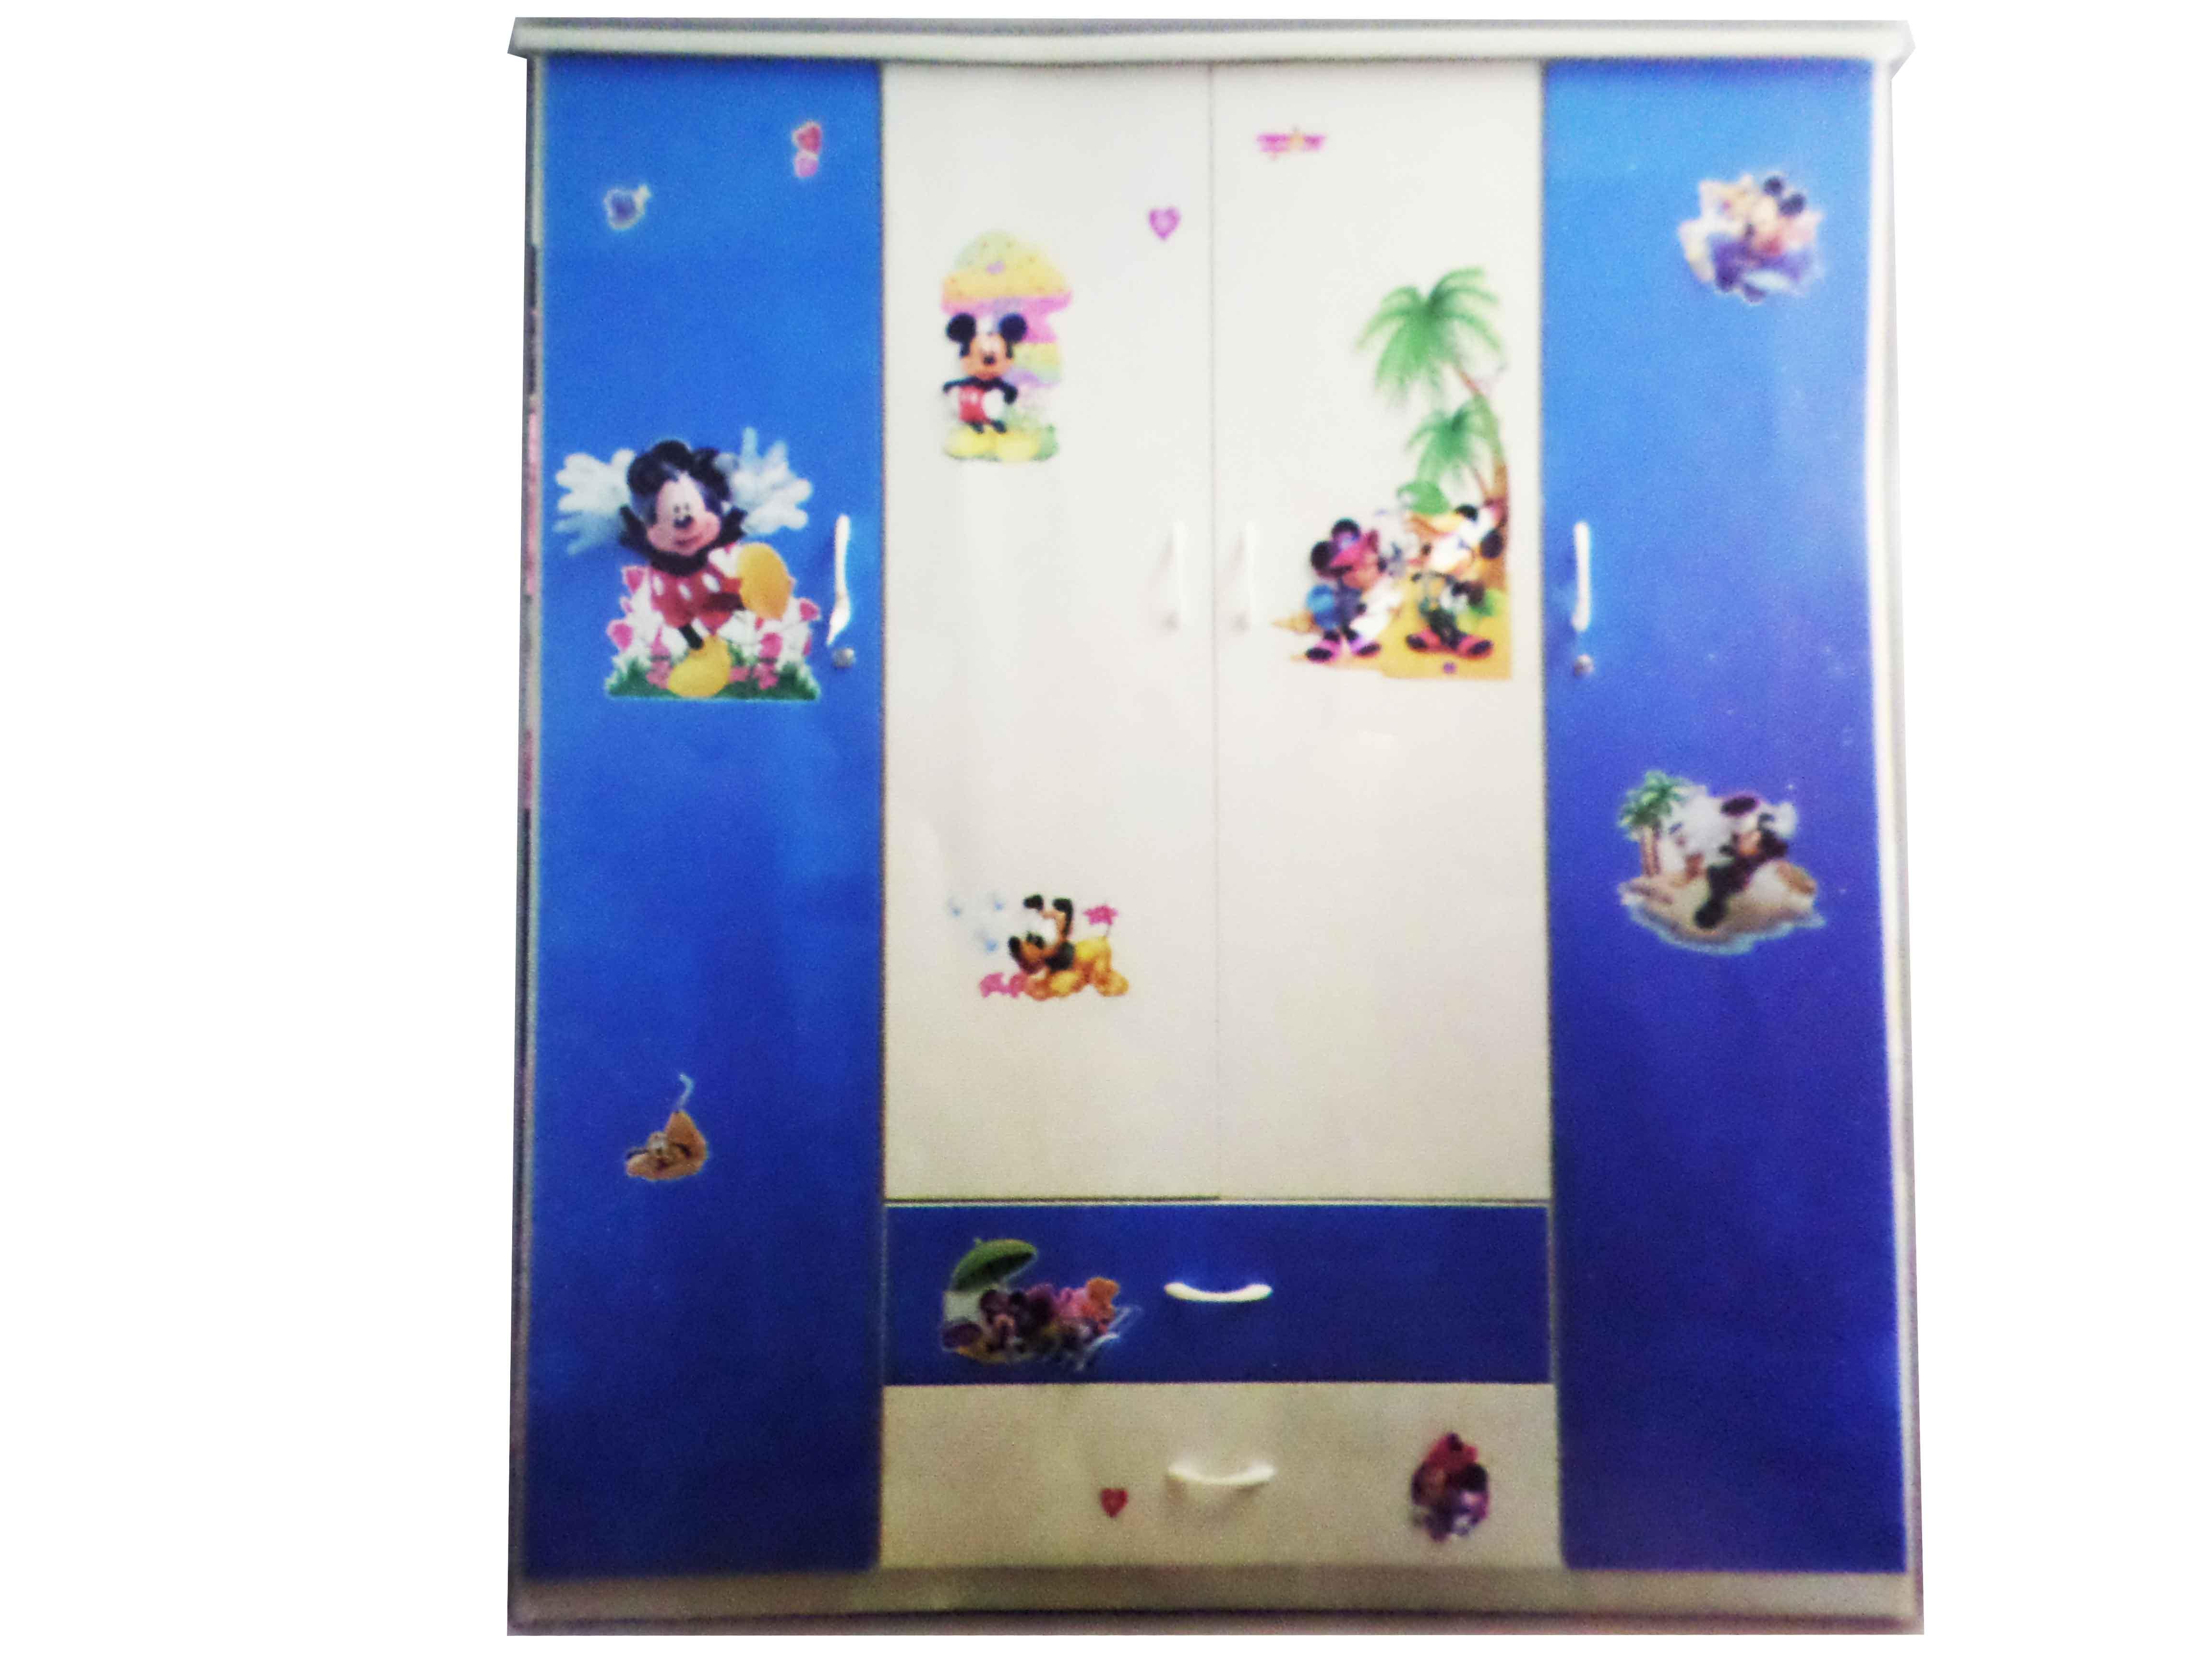 Tủ nhựa cho bé giá rẻ bán tại TPHCM giao hàng miễn phí